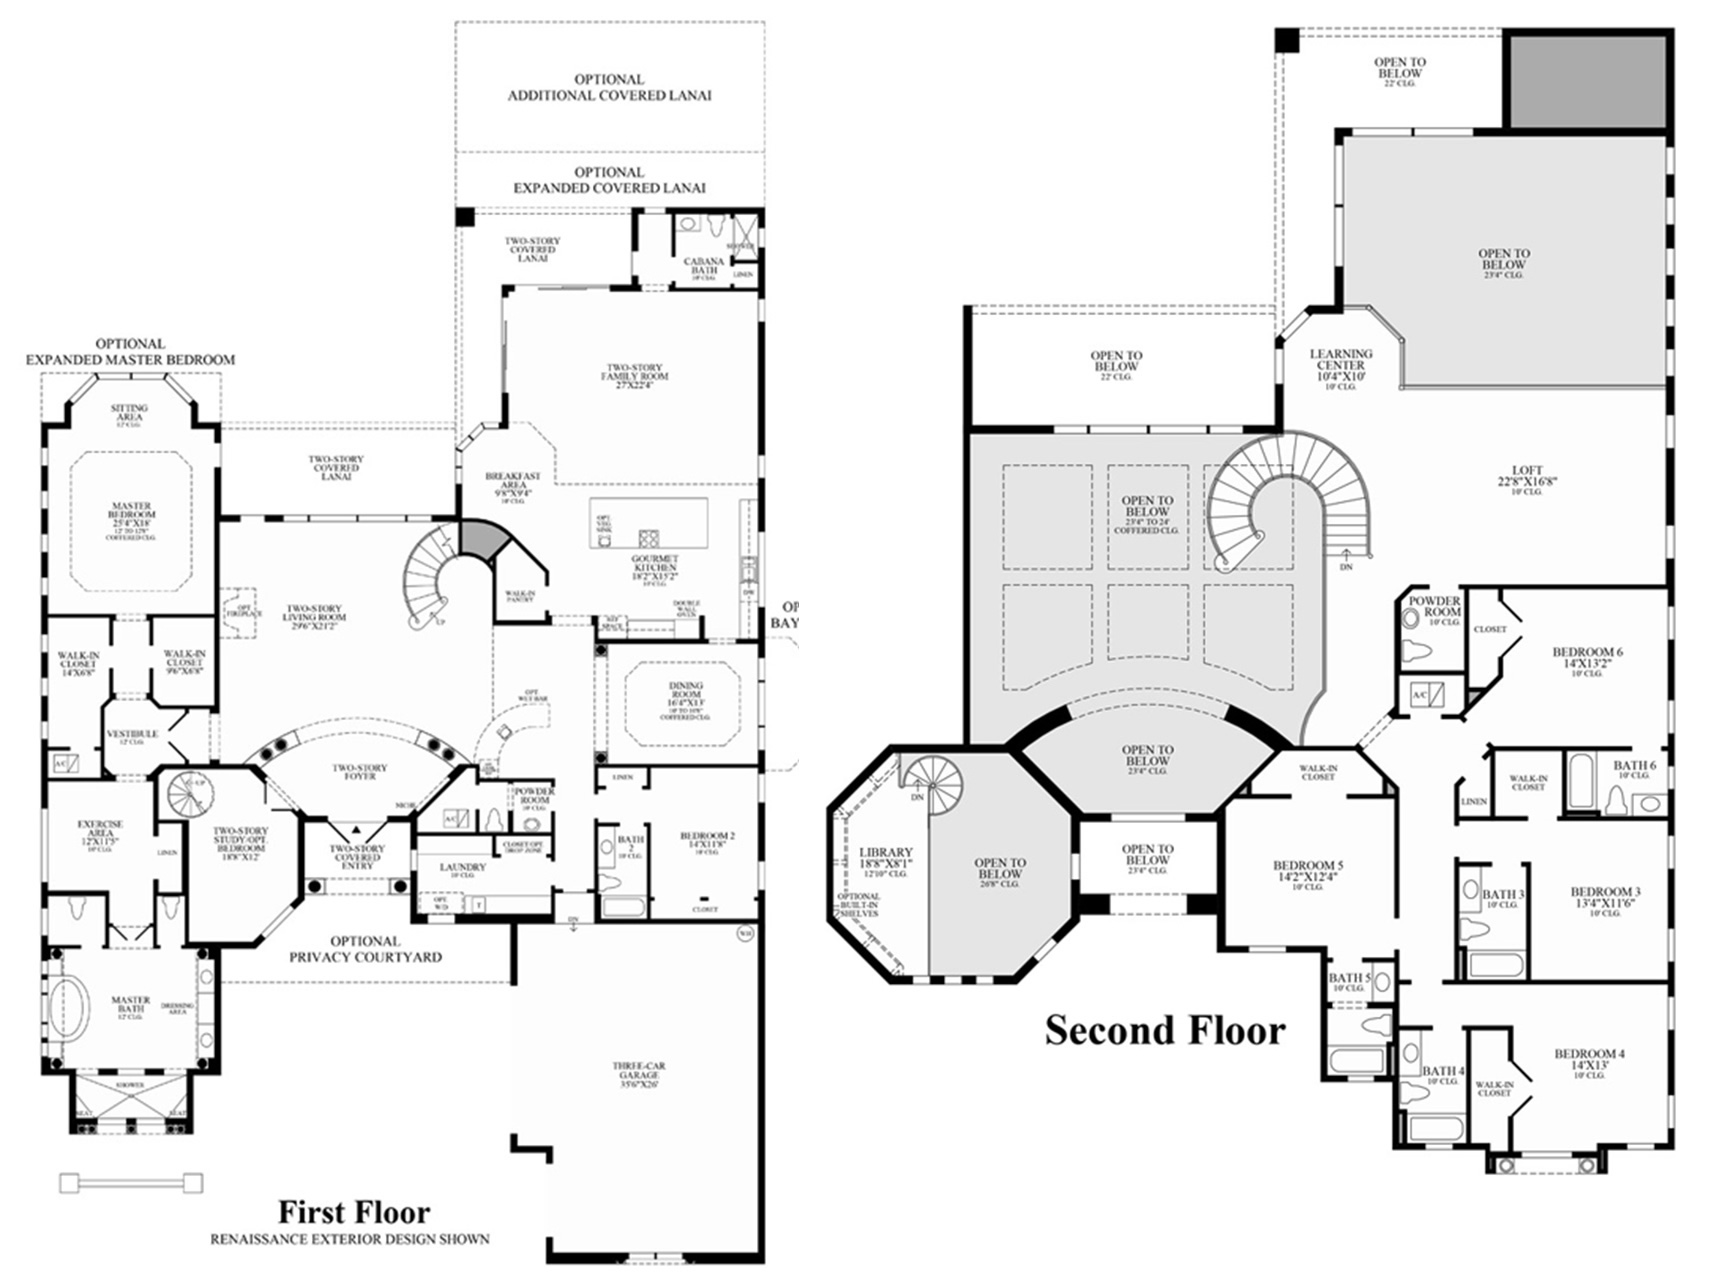 bellaria windermere fl 34786 real estate u0026 homes for sale tmt